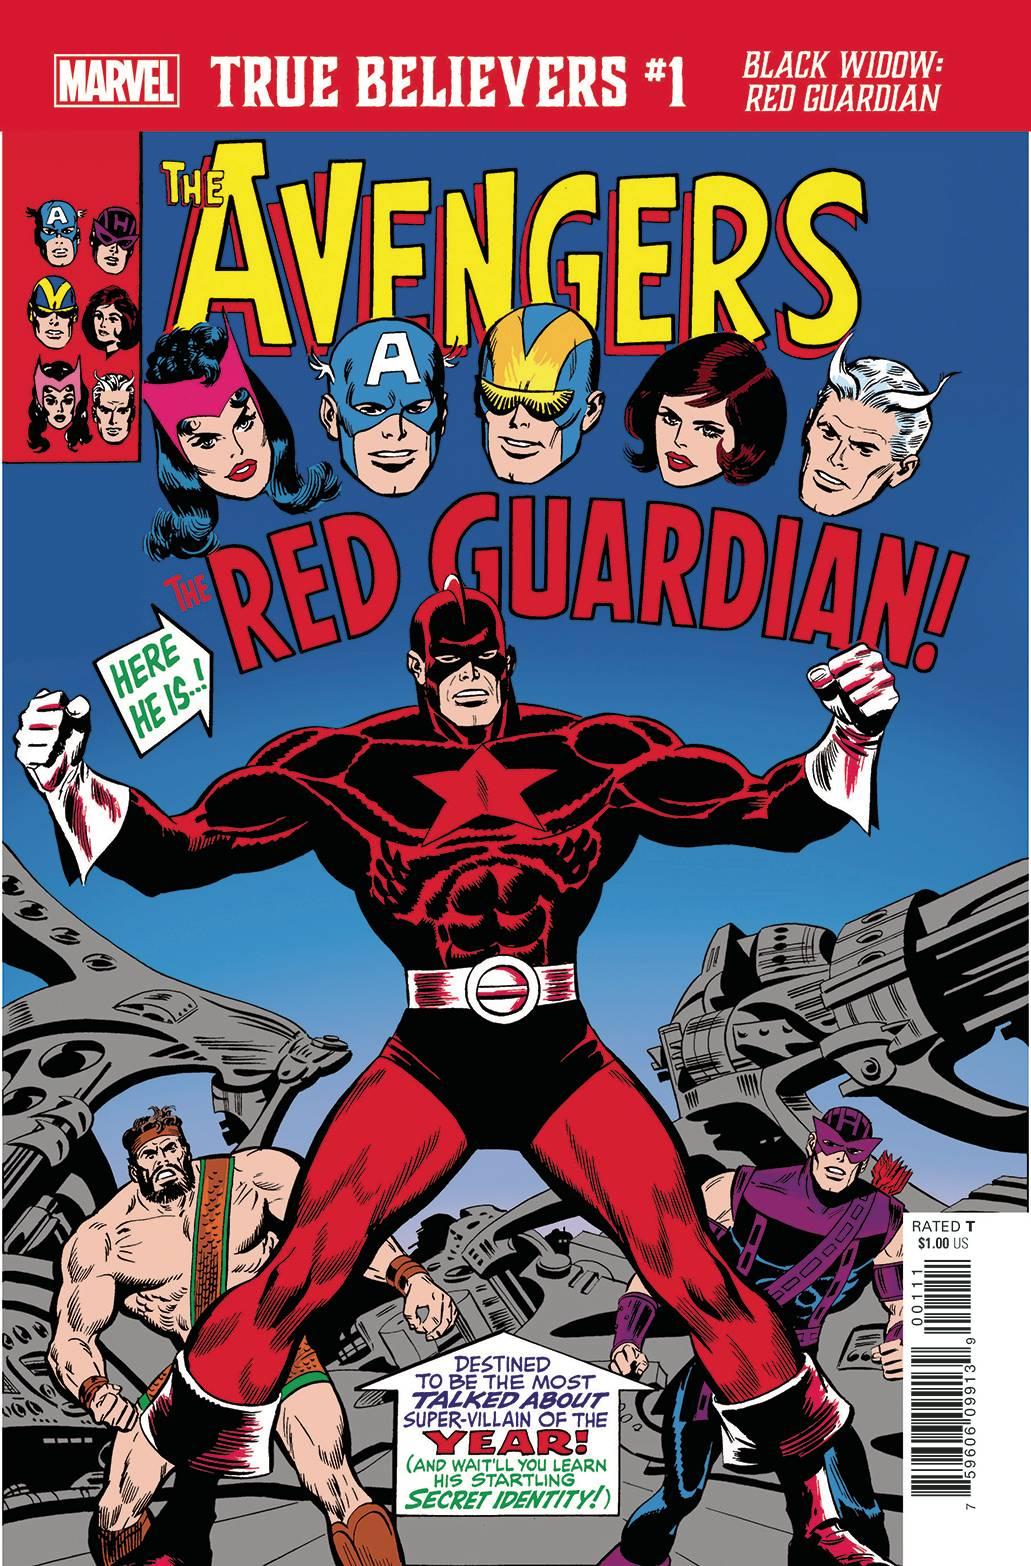 True Believers The Avengers Black Widow : Red Guardian 1 - True Believers The Avengers Black Widow : Red Guardian